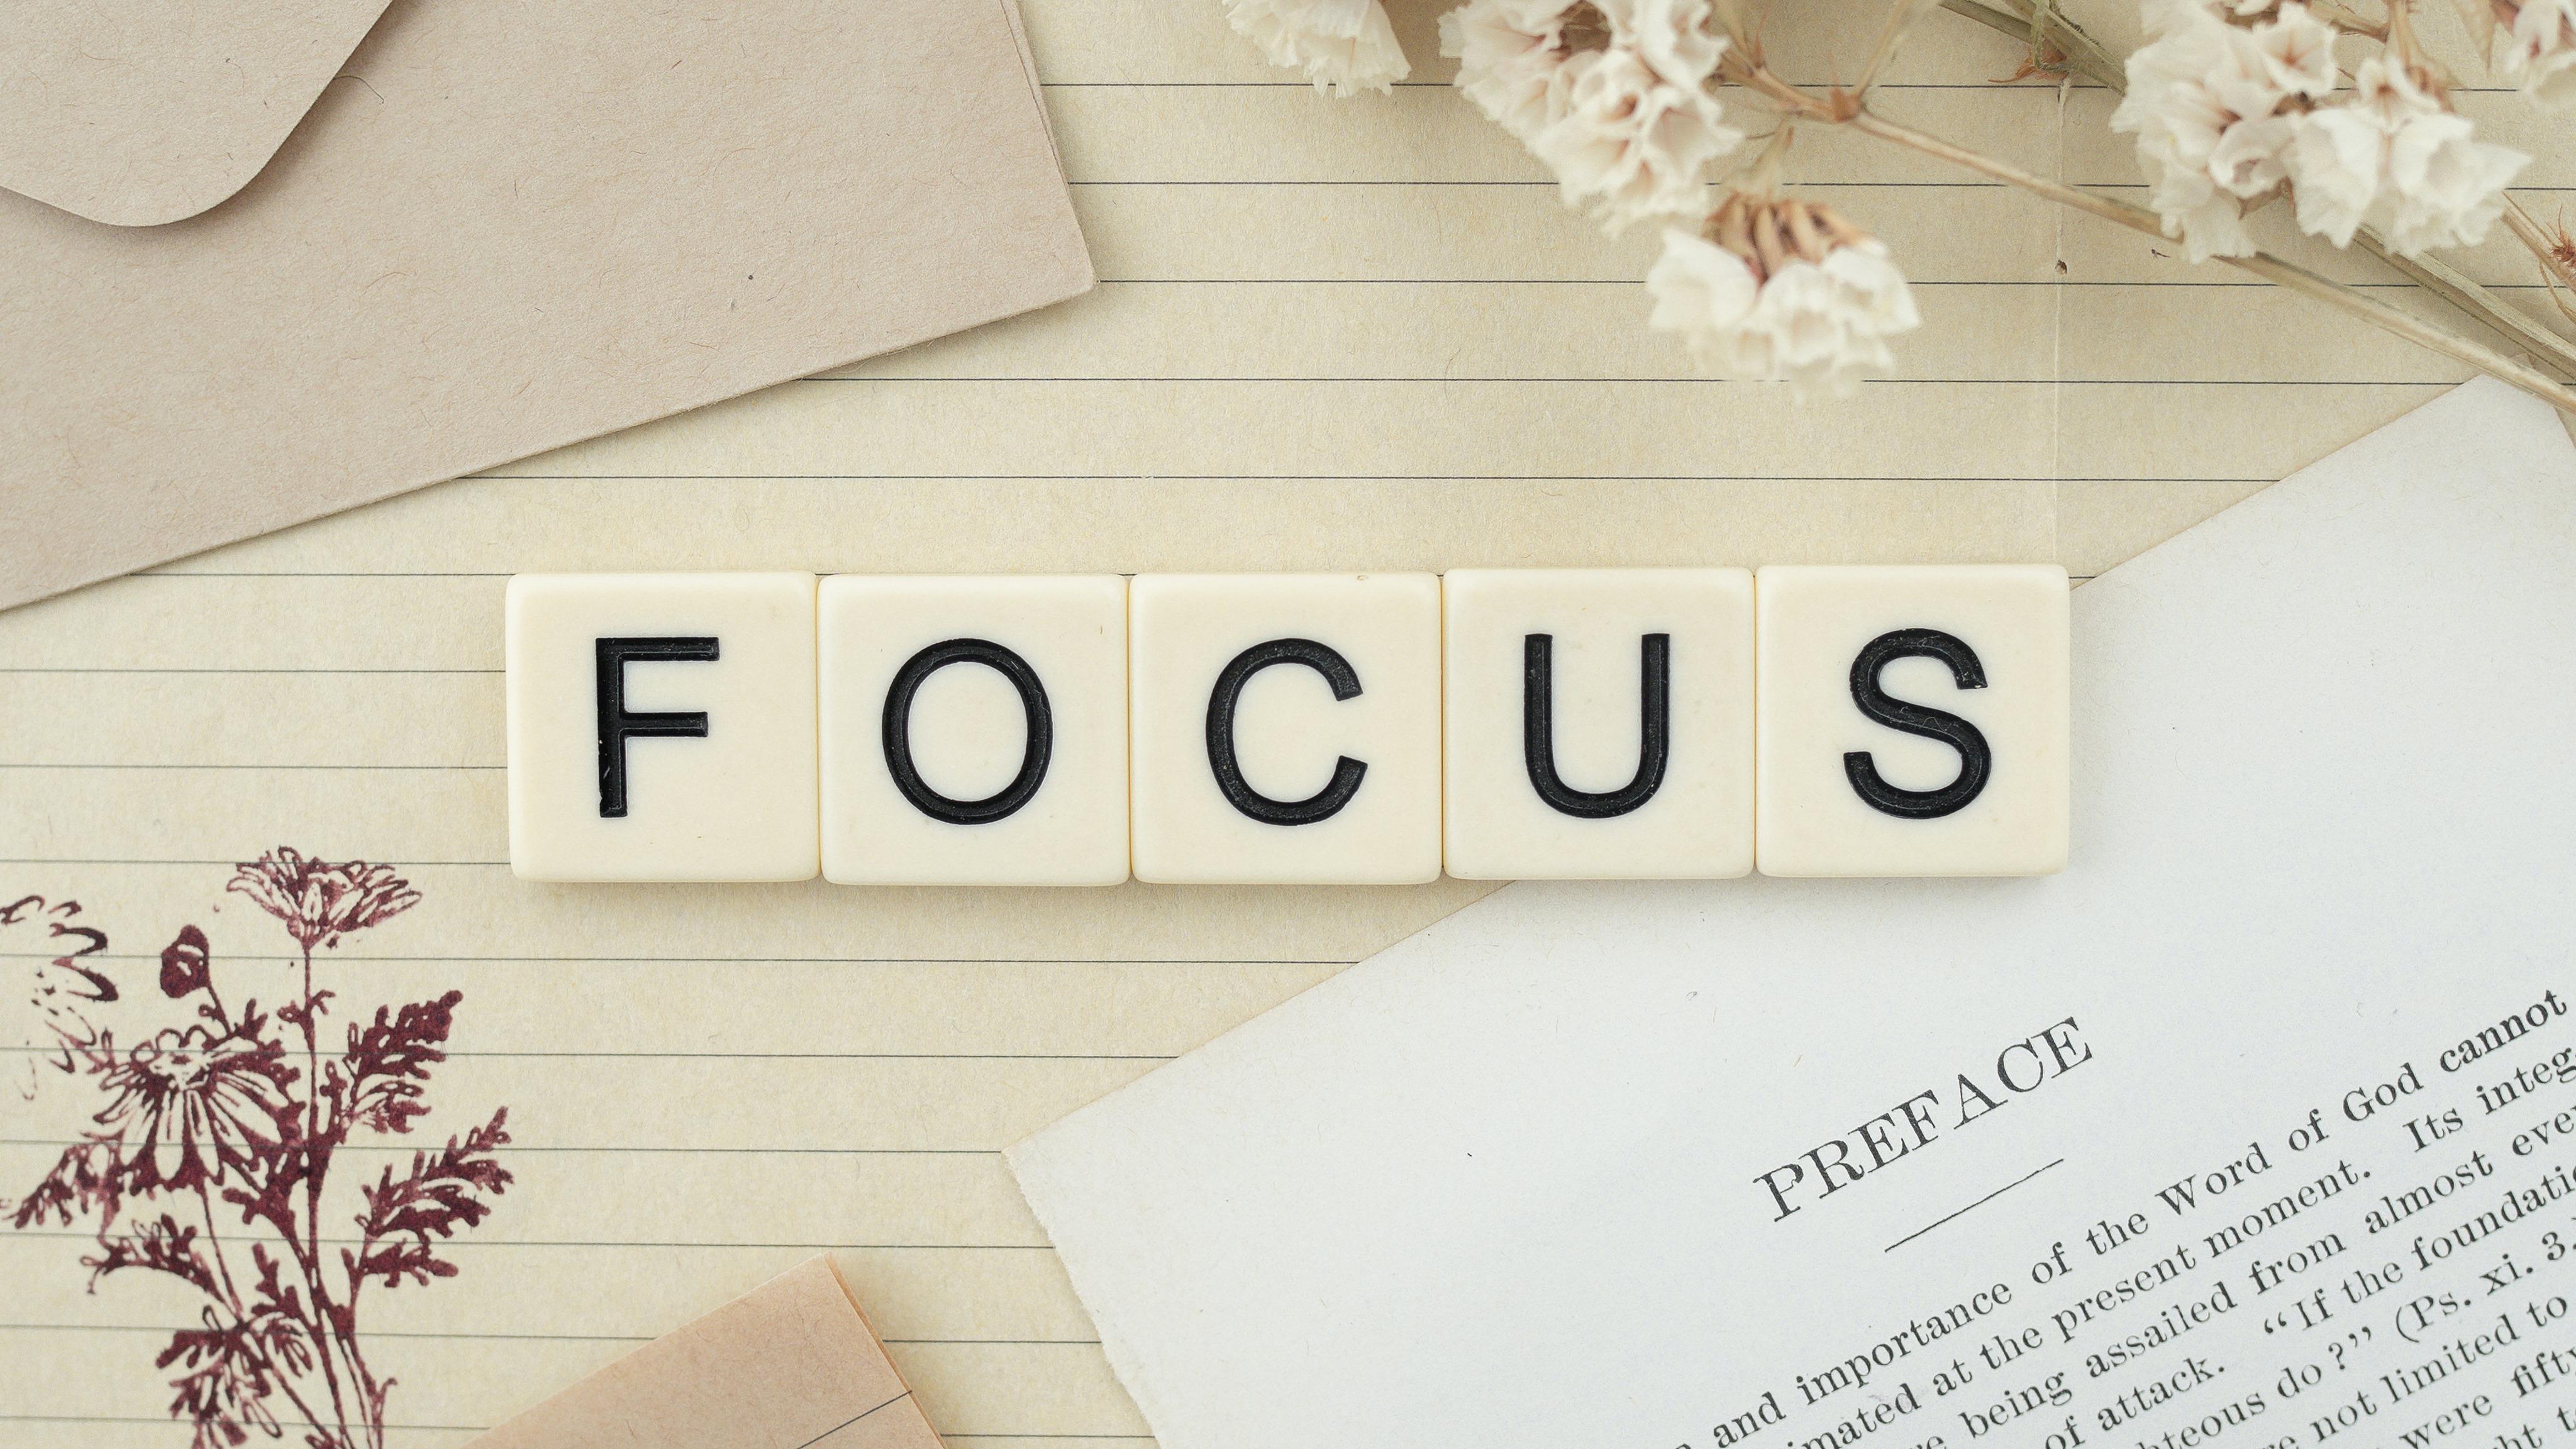 focus and stop procrastination